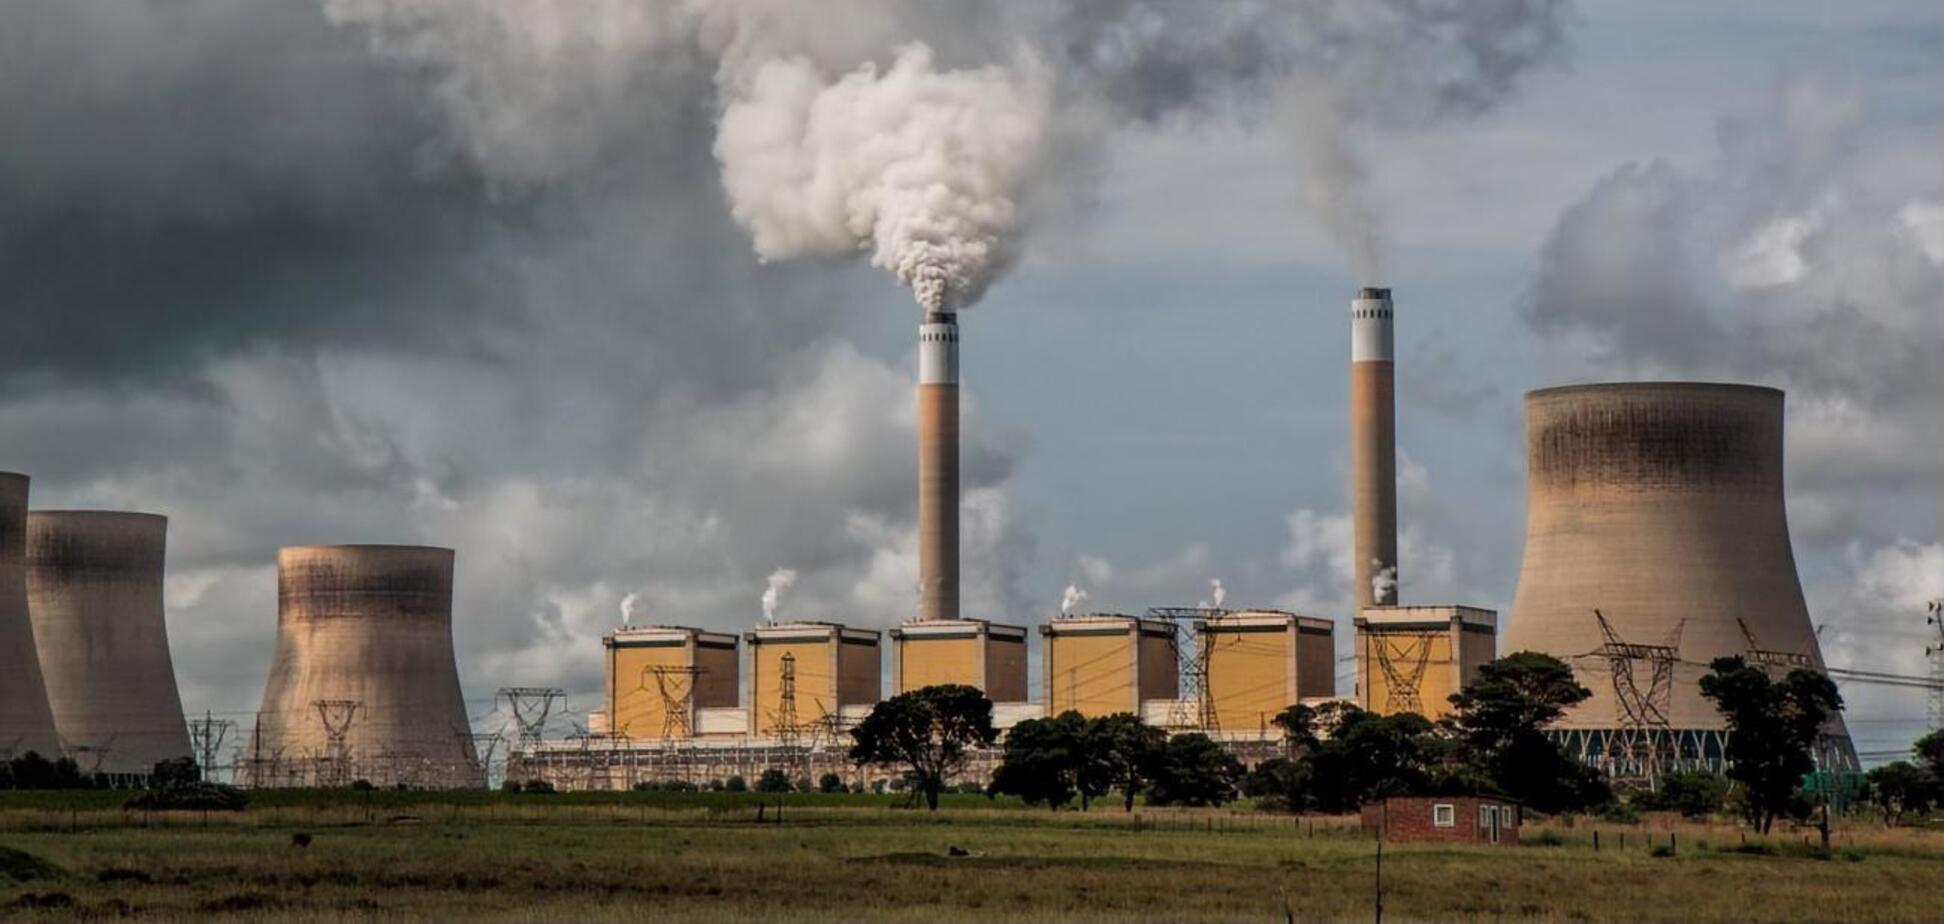 Промышленники обратились к Шмыгалю из-за угрозы коллапса в экономике